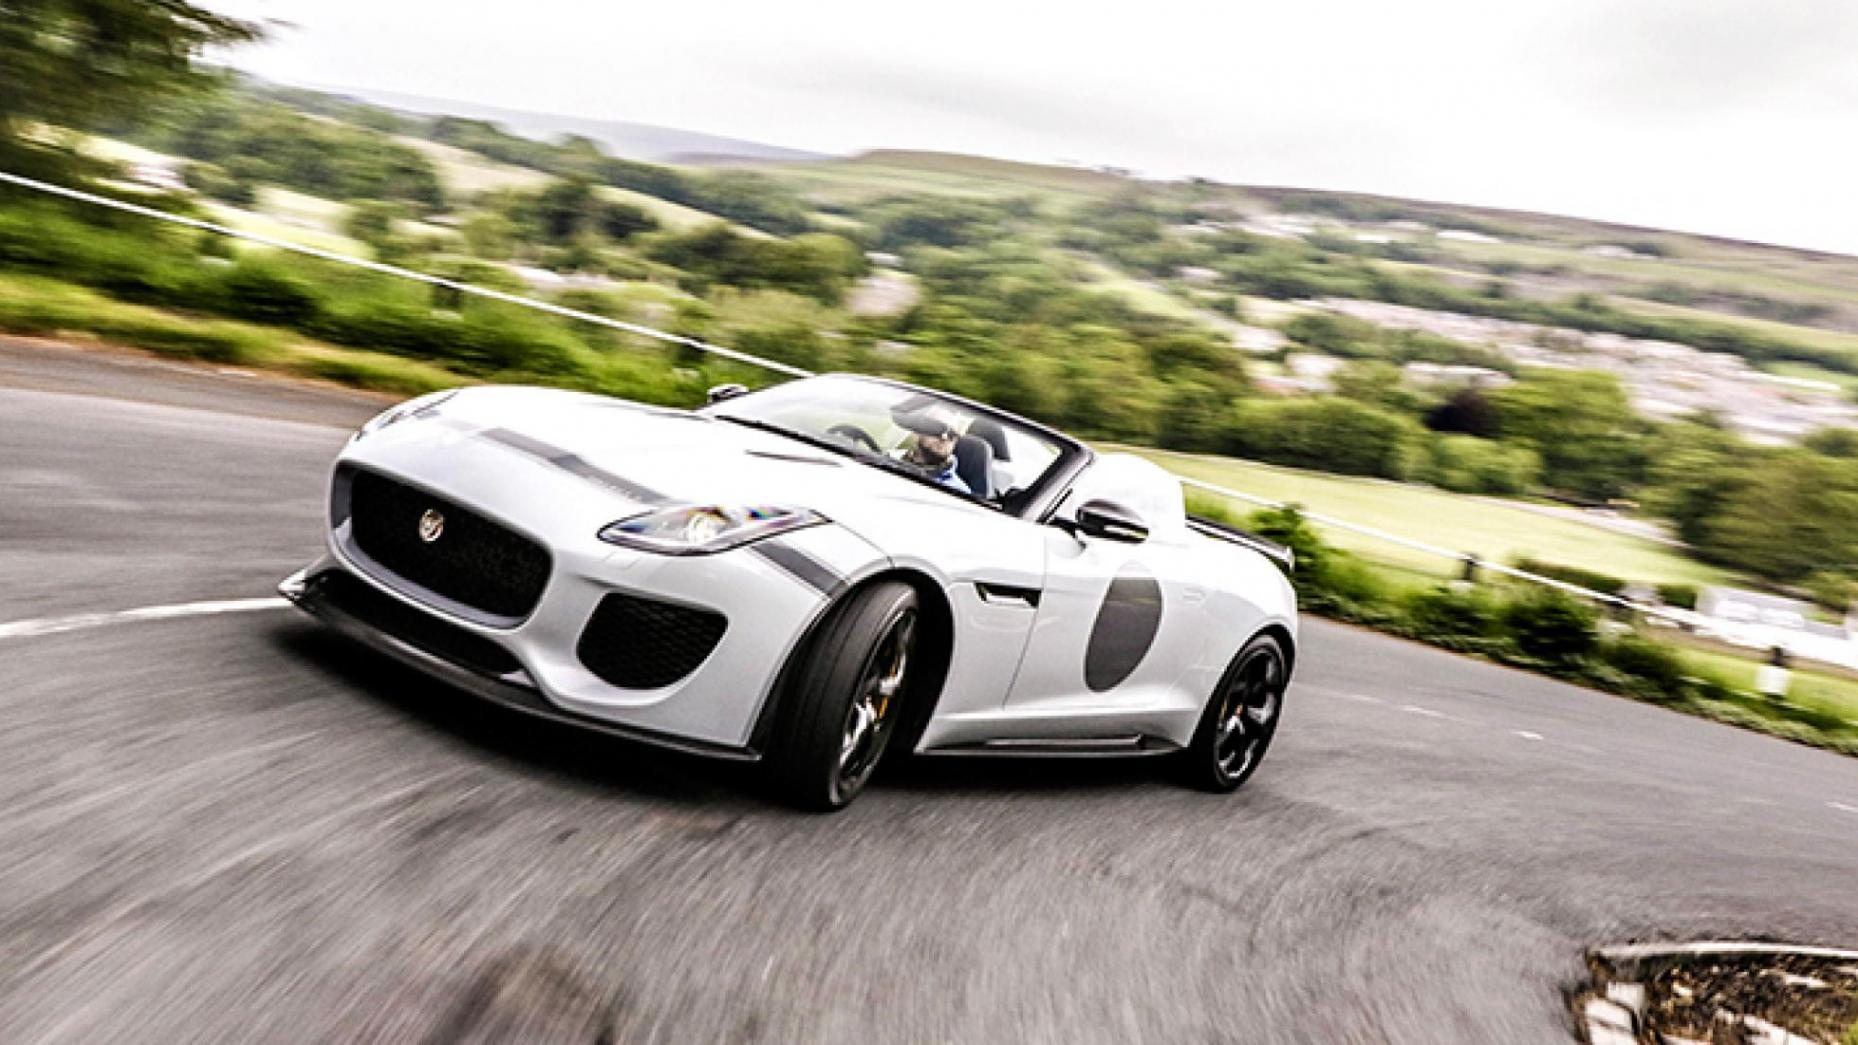 8-Jaguar Project 7 567bhp, 186mph